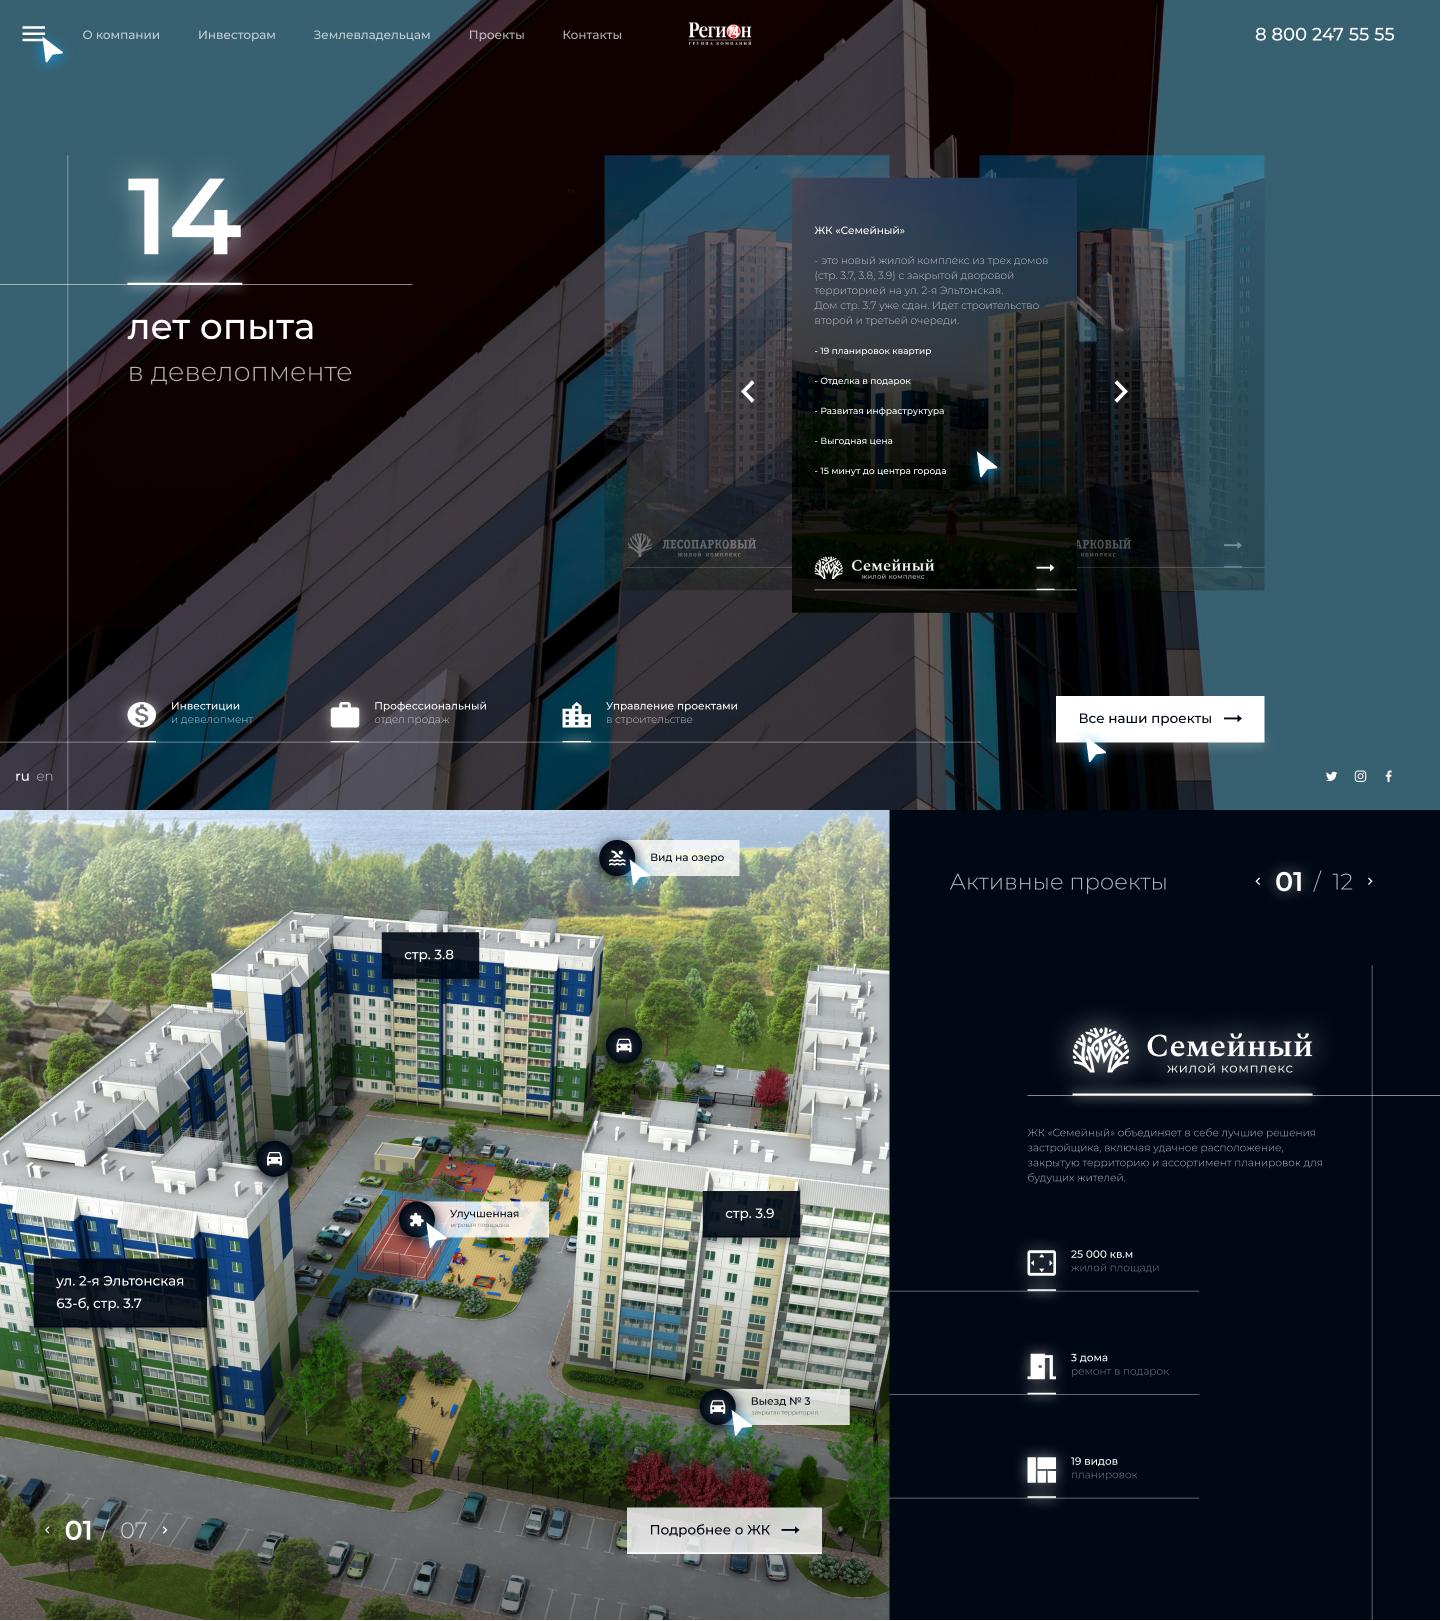 Дизайн двух страниц сайта фото f_9275f21d971f3659.jpg